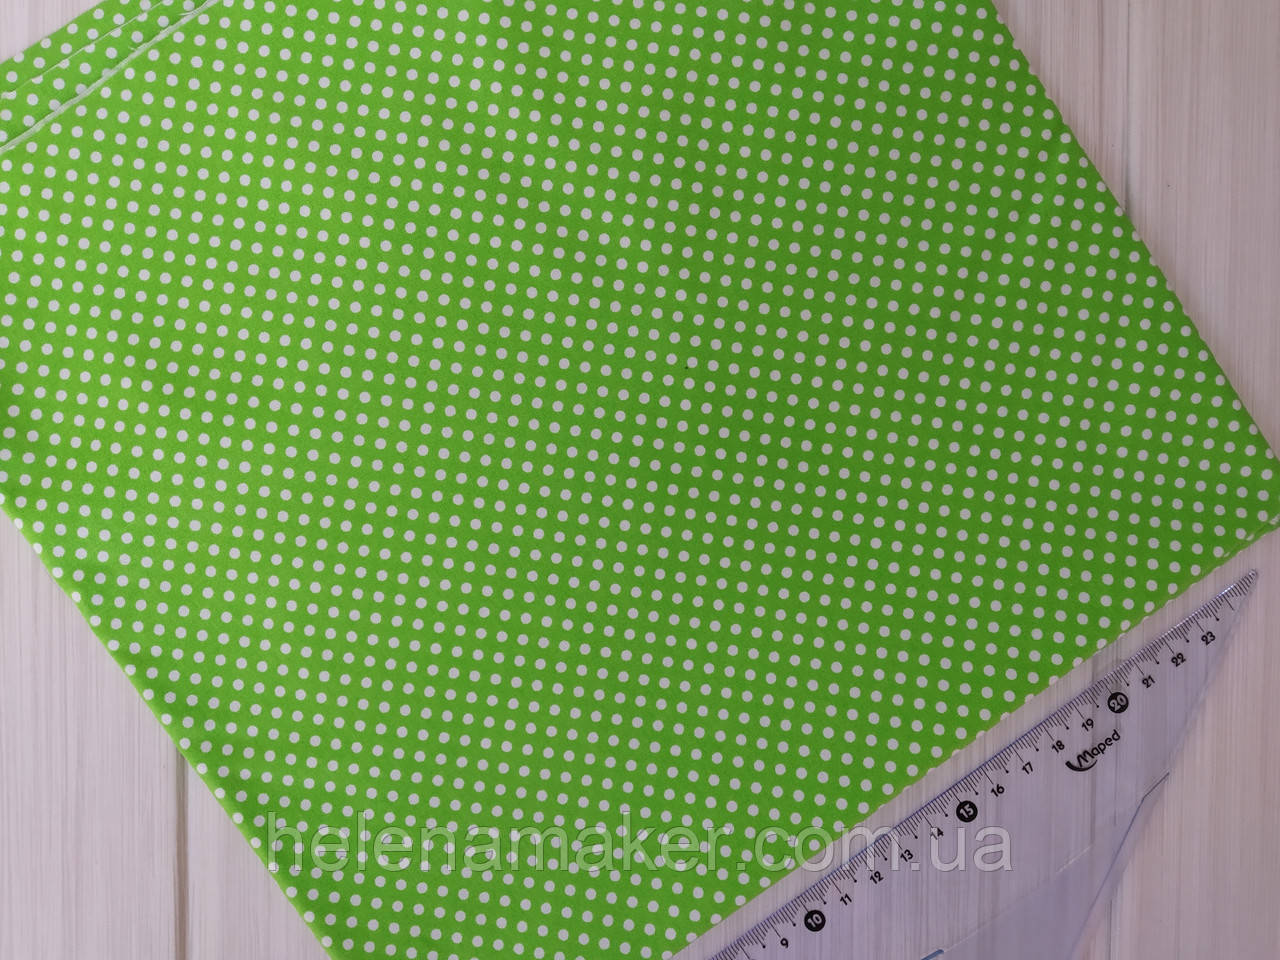 Отрез хлопка салатовый в густой белый горошек 3 мм. Размер отреза 50*50 см